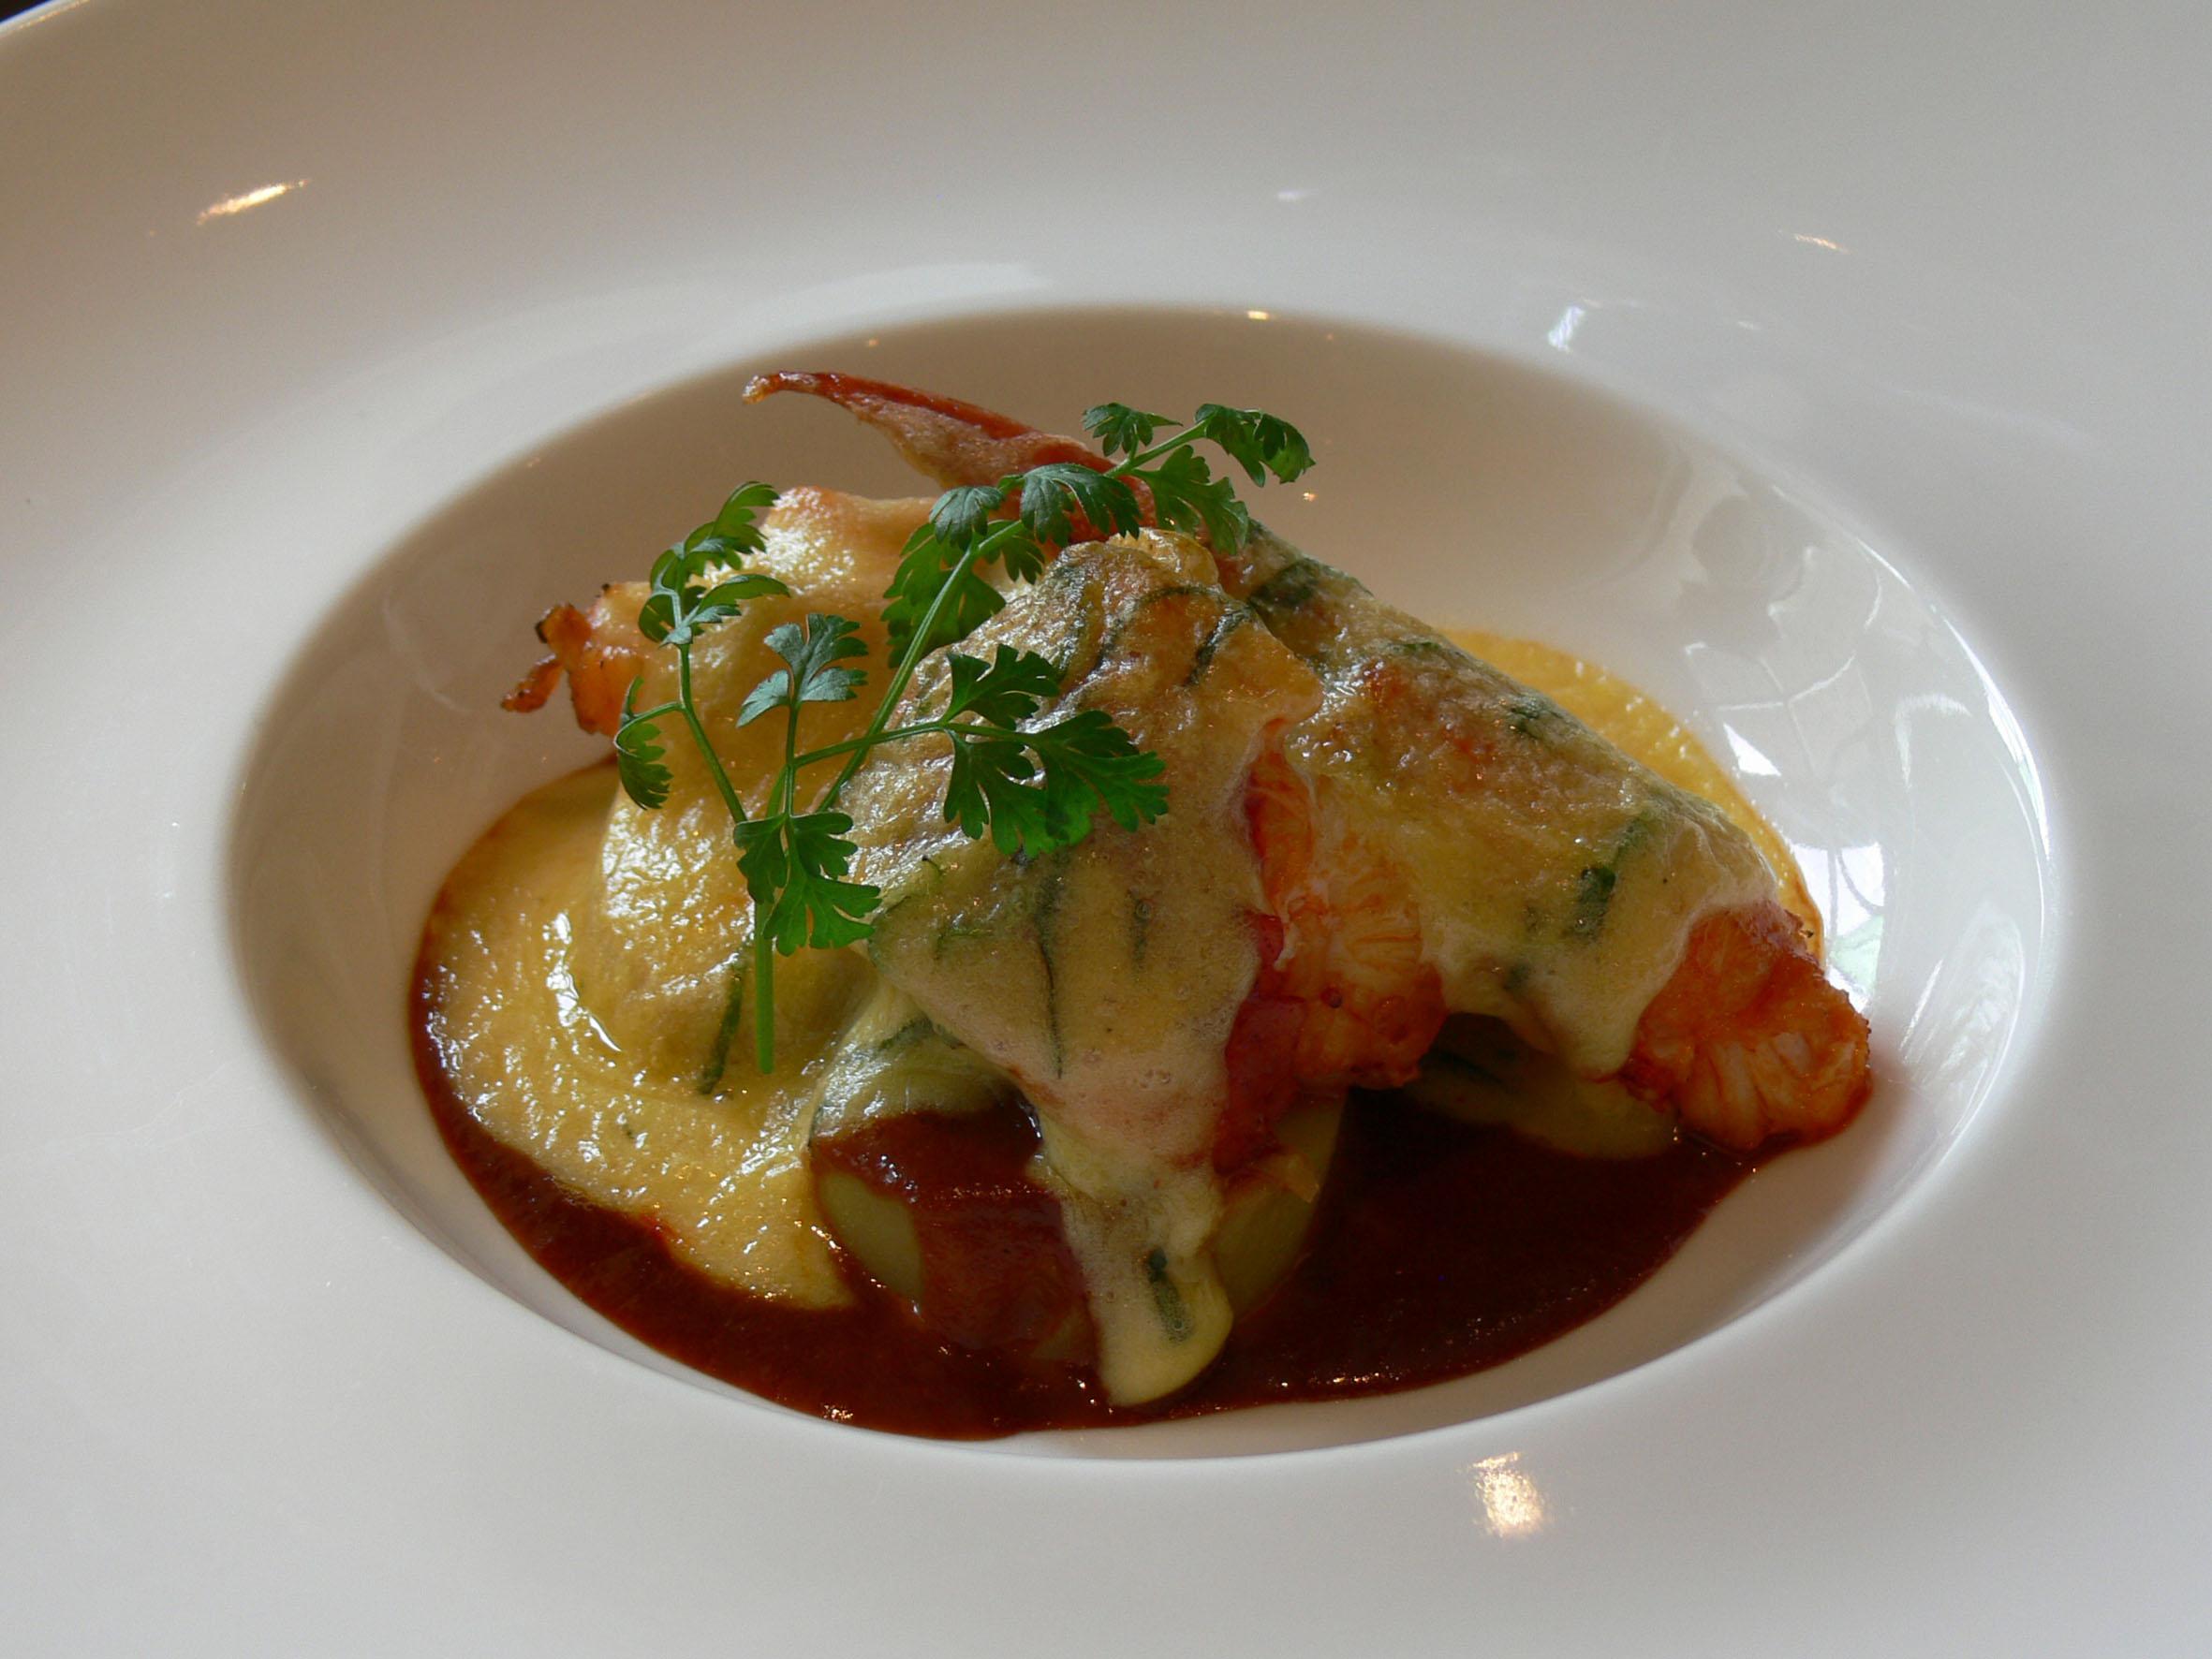 D licieux cours de cuisine autour du homard l 39 h tel des - Cours de cuisine normandie ...